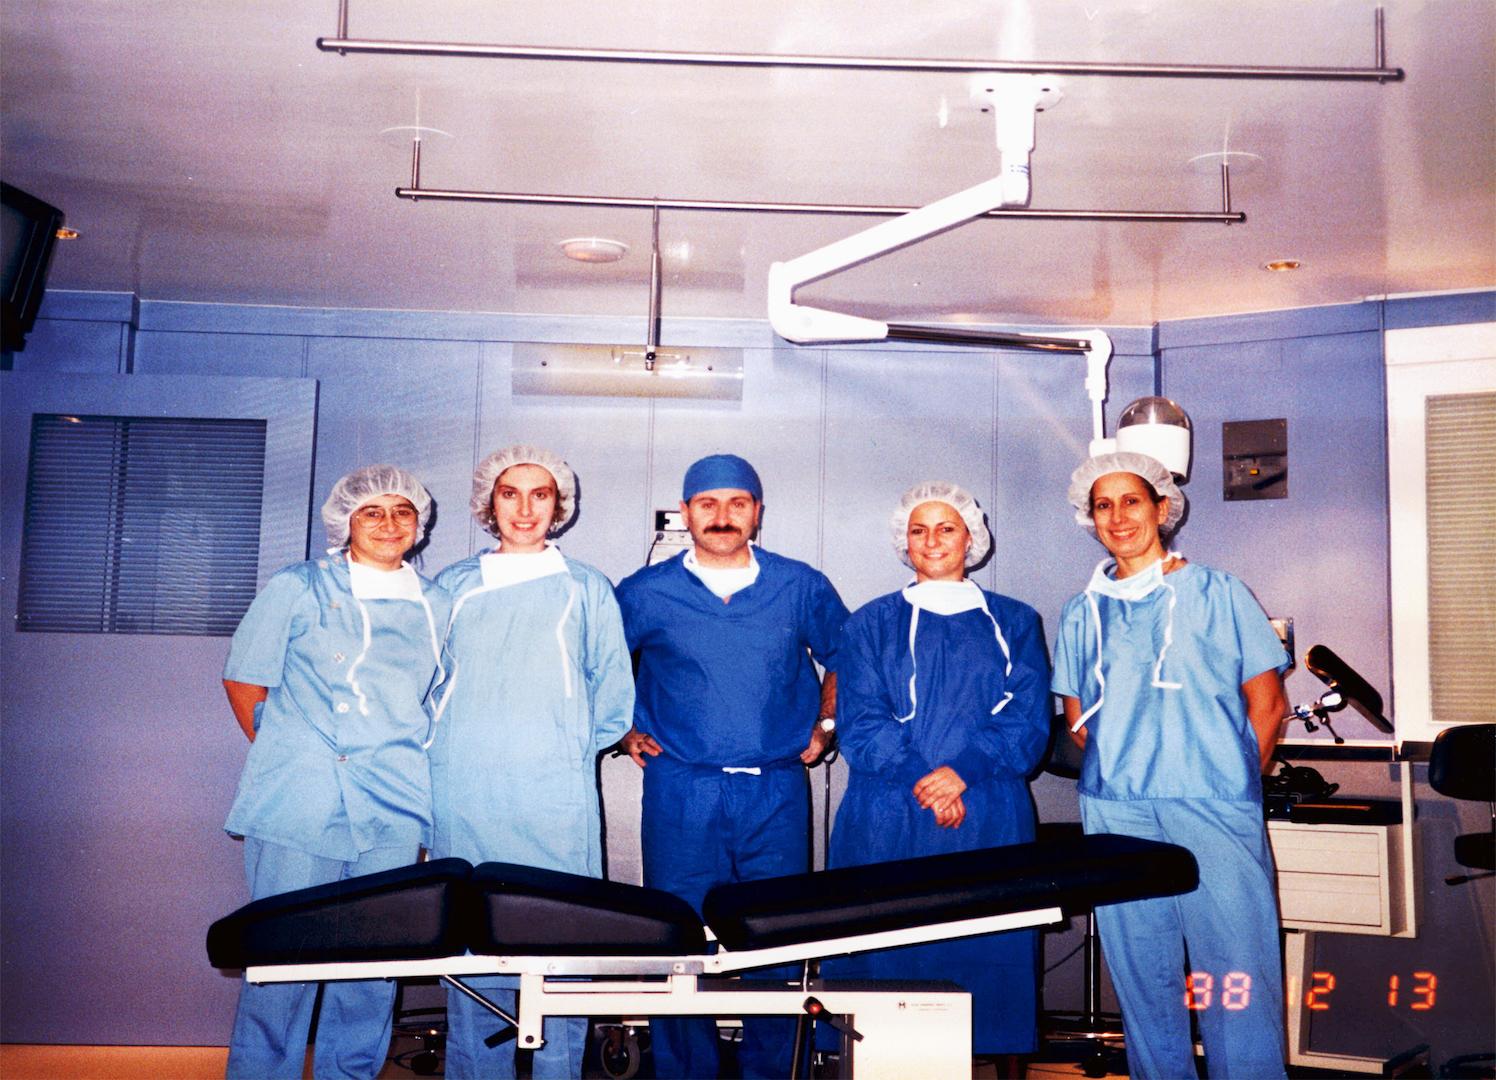 Clinica oftalmologica rubi 1988